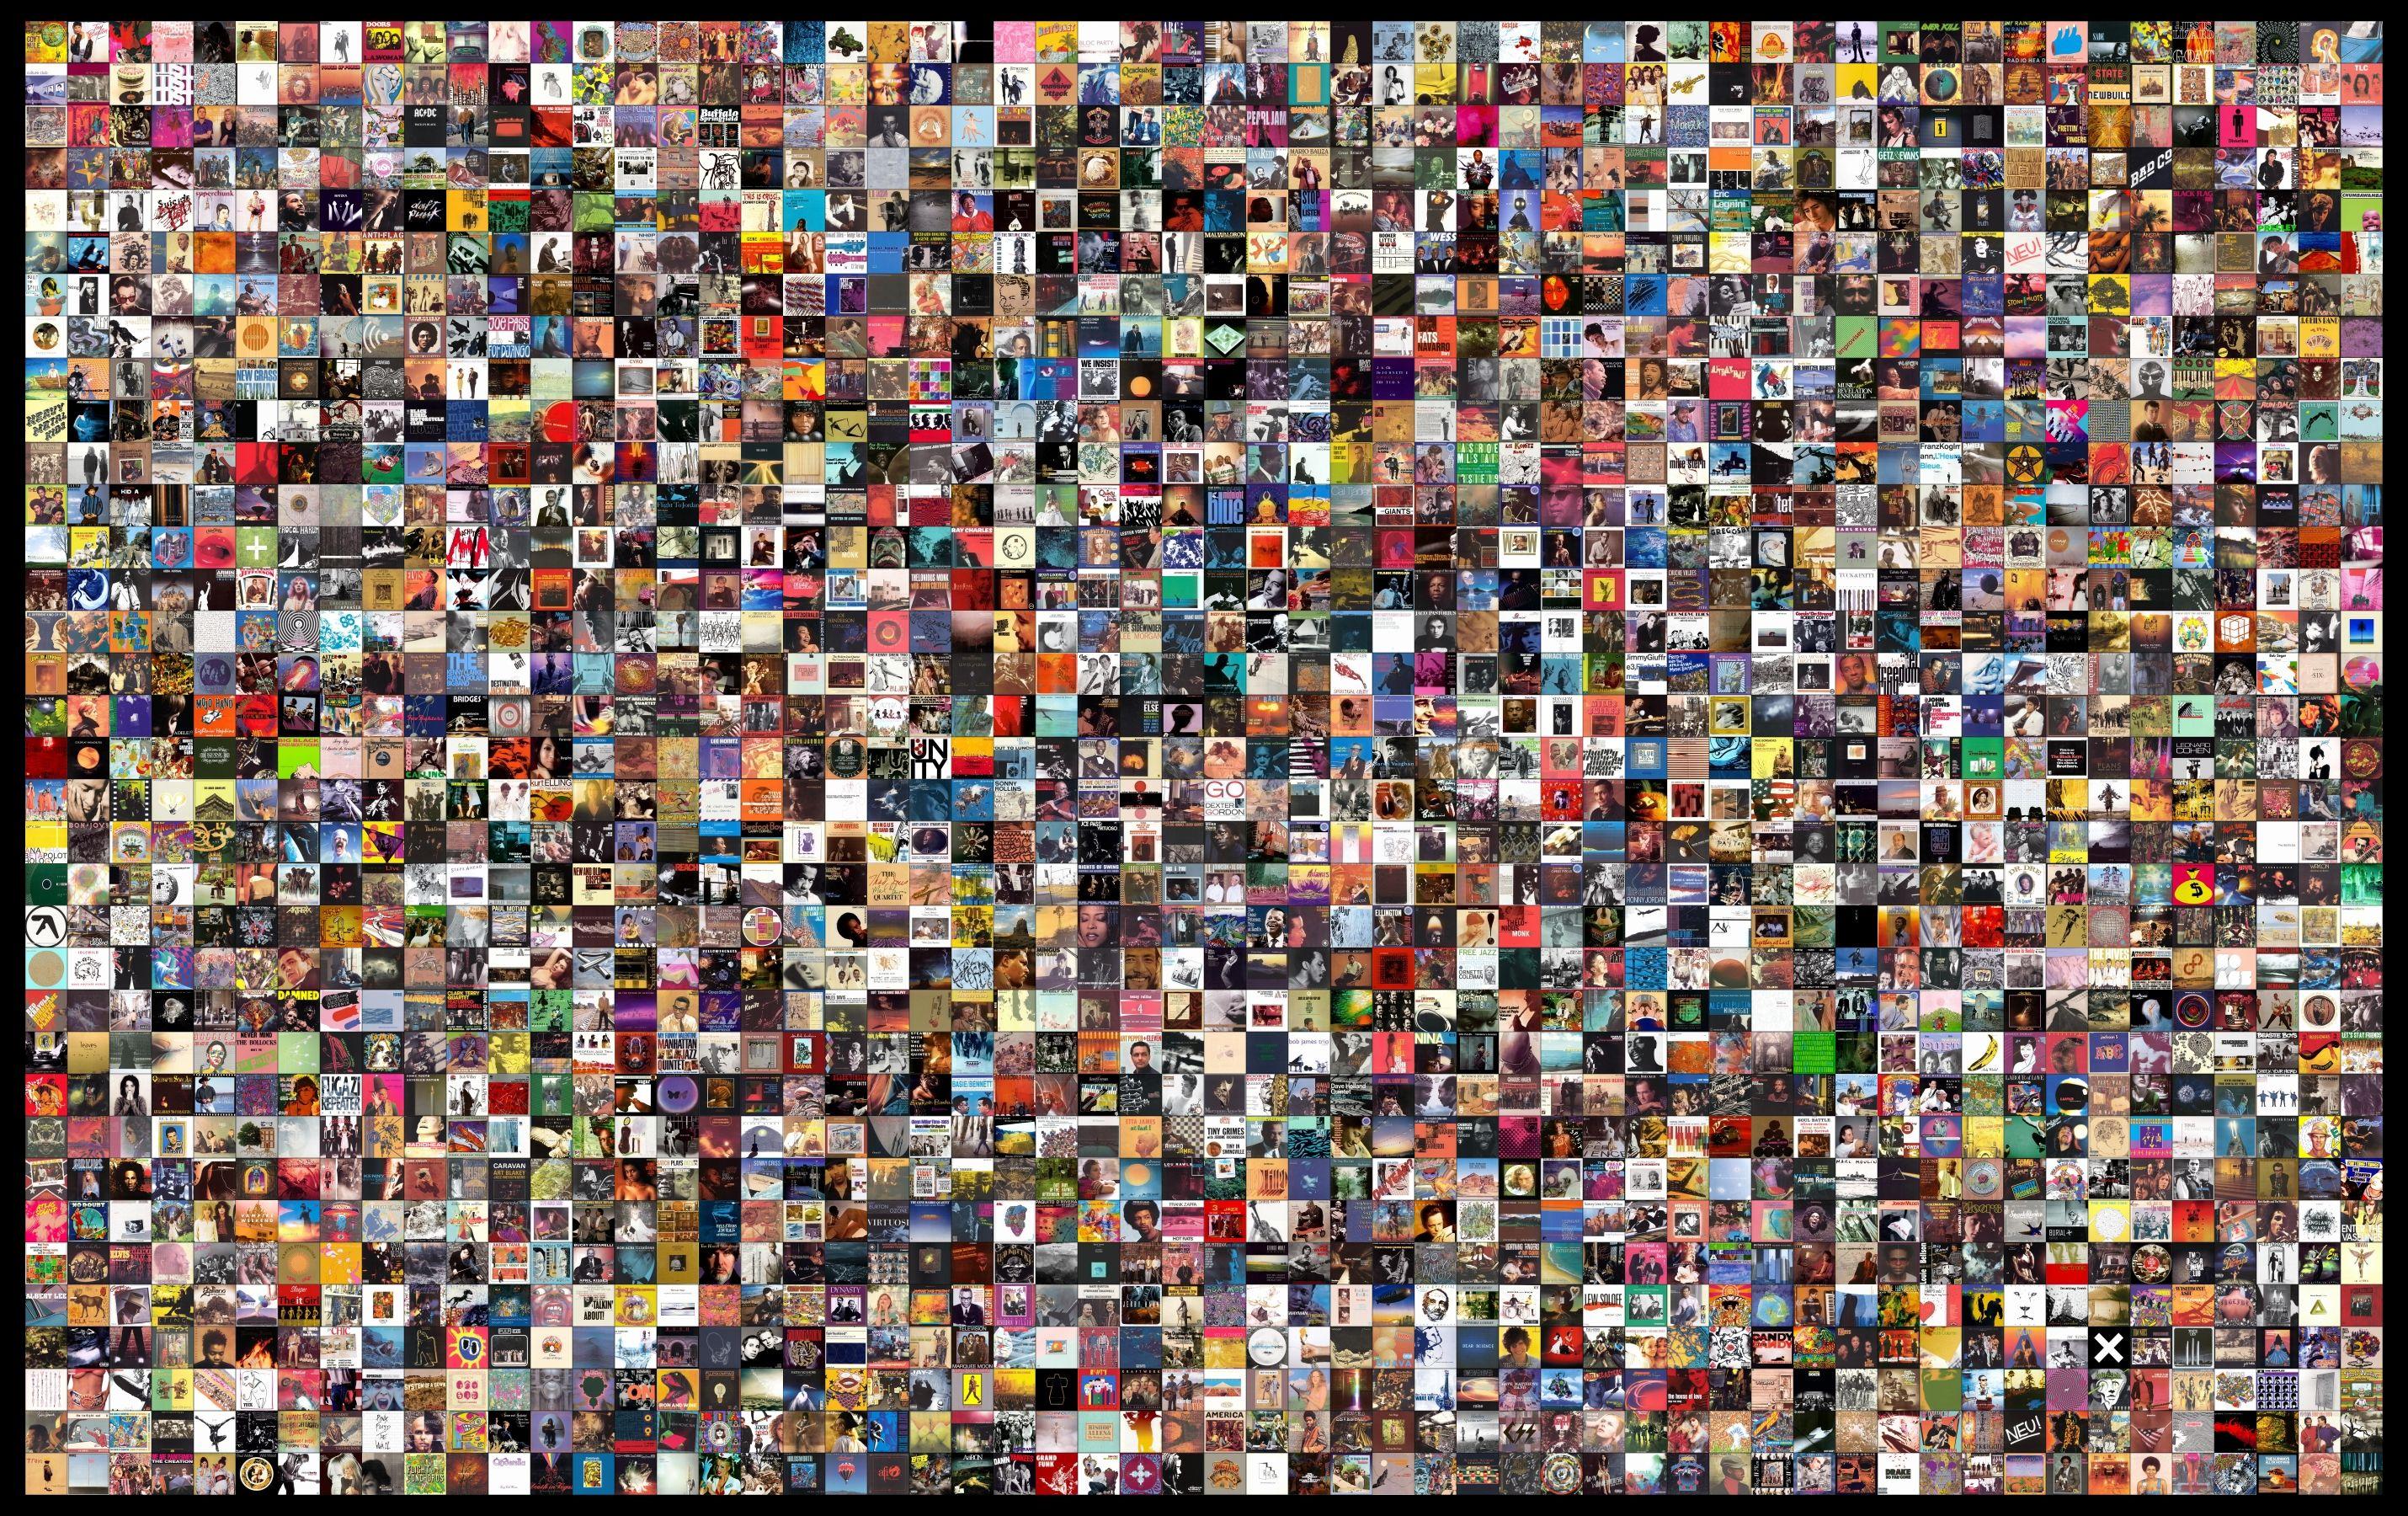 Wallpaper Of 1 960 Best Music Album Covers Music Album Art